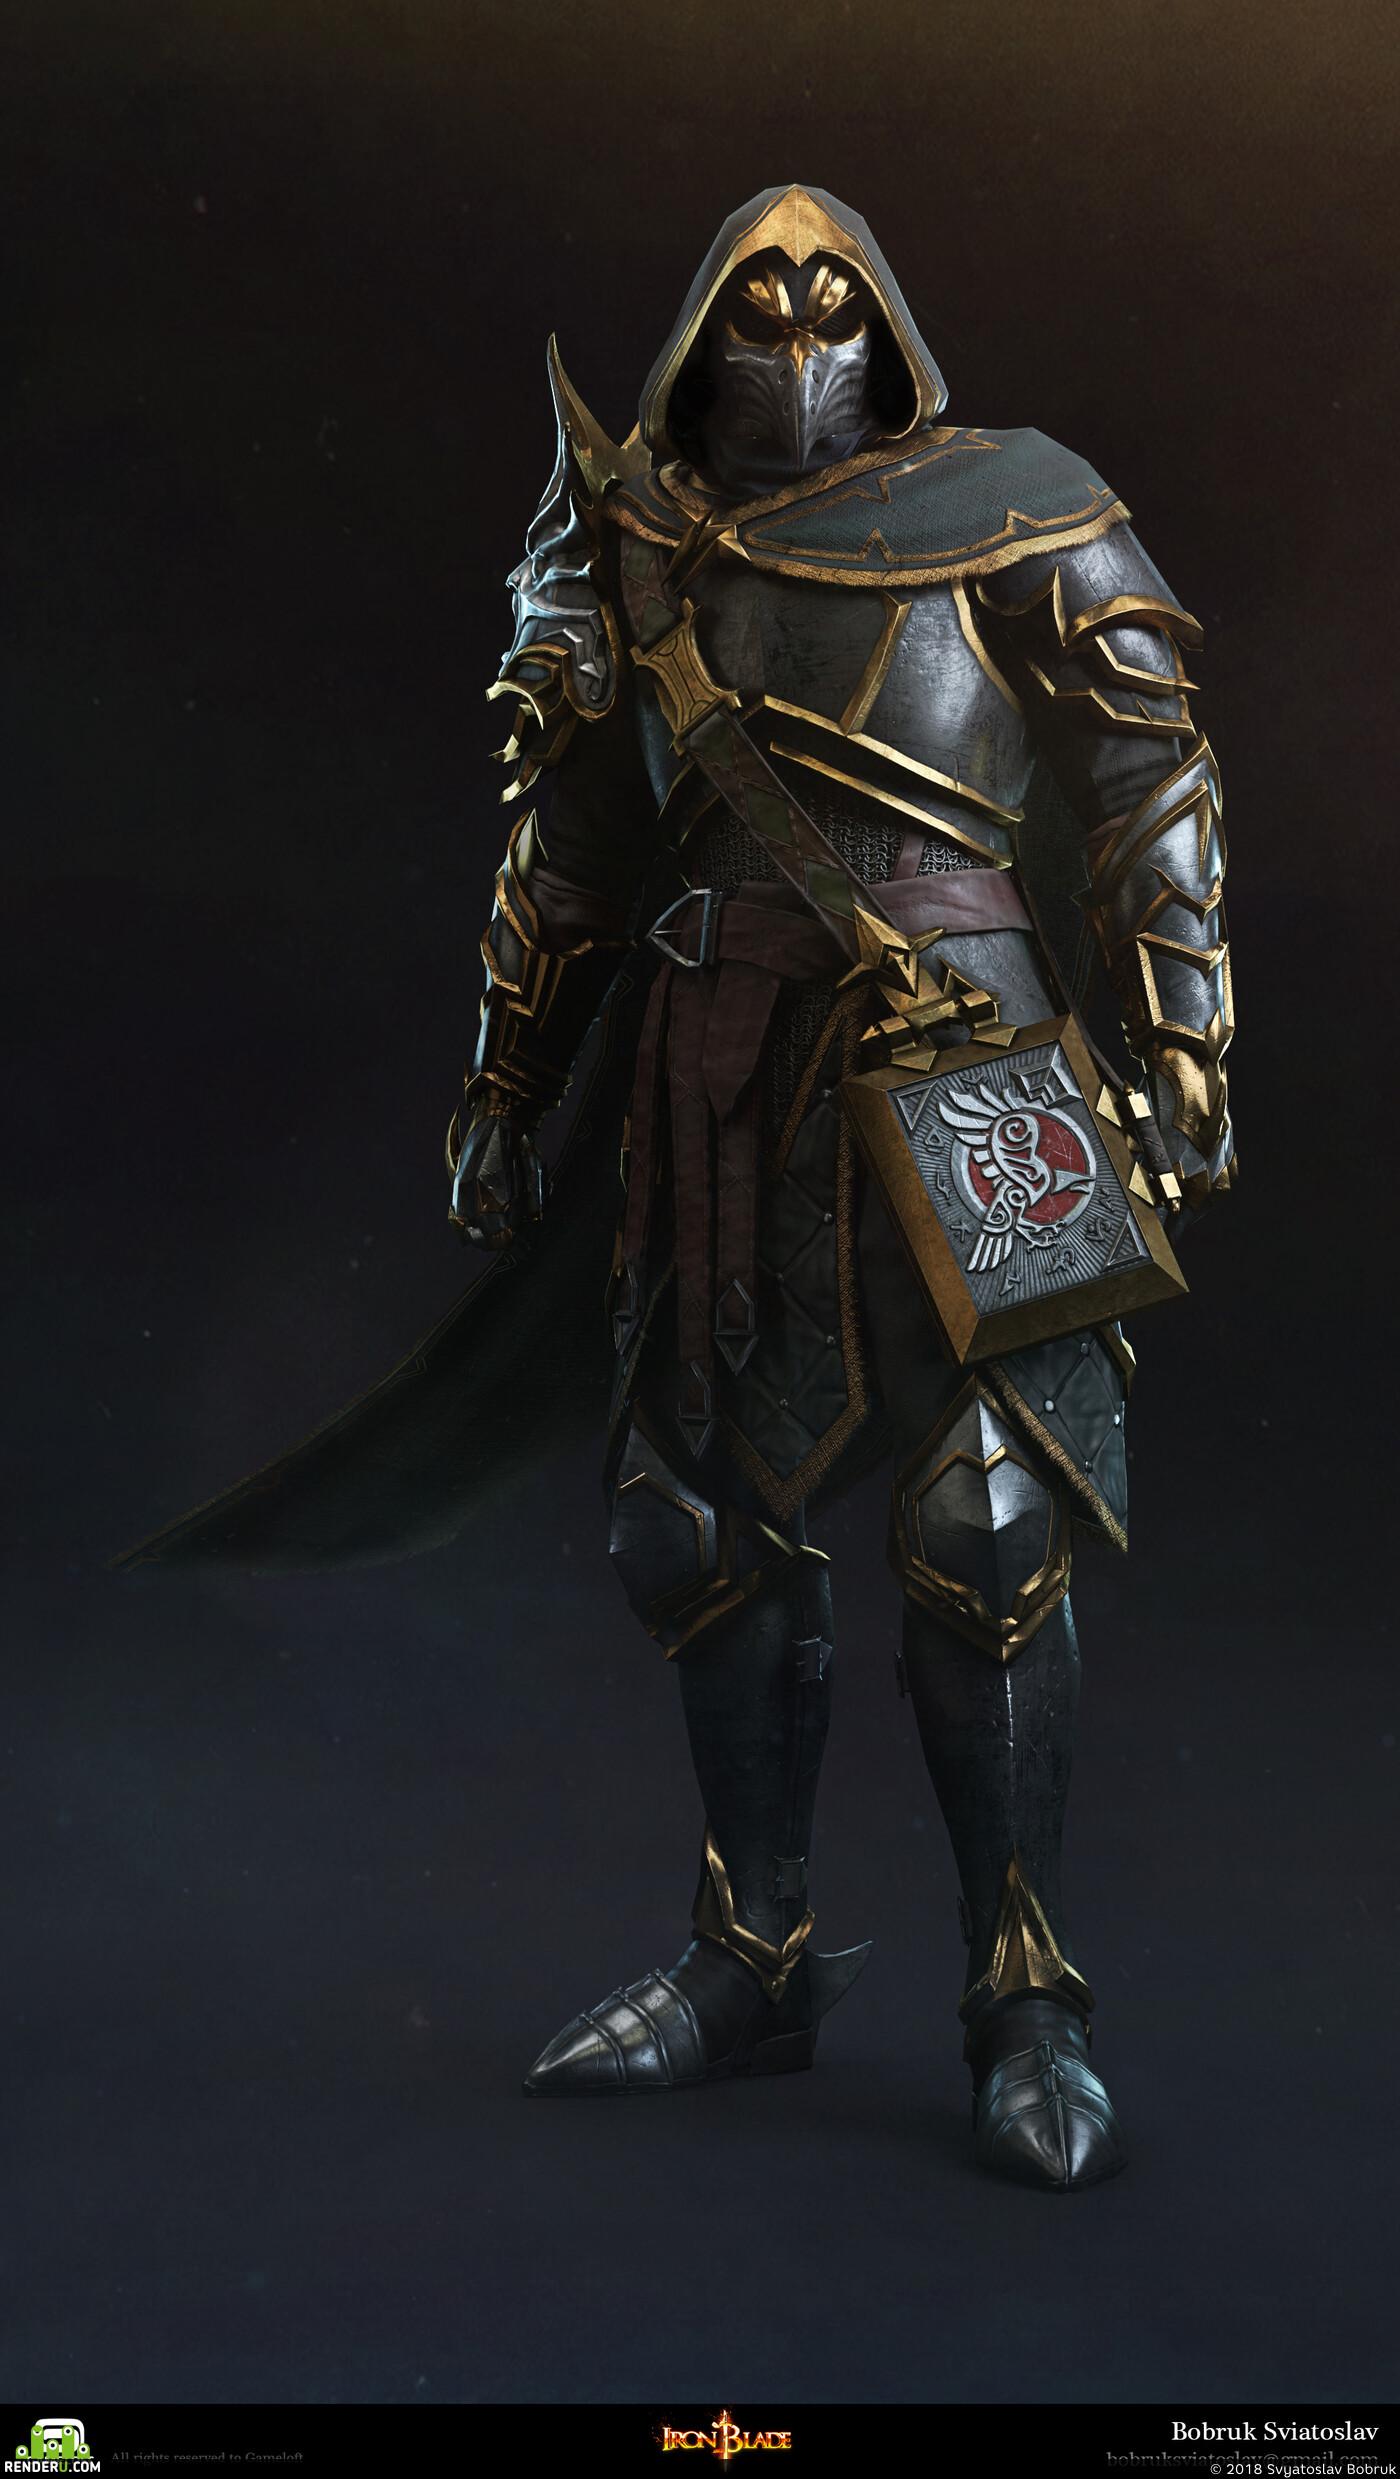 Персонаж, игровой персонаж, лоуполи